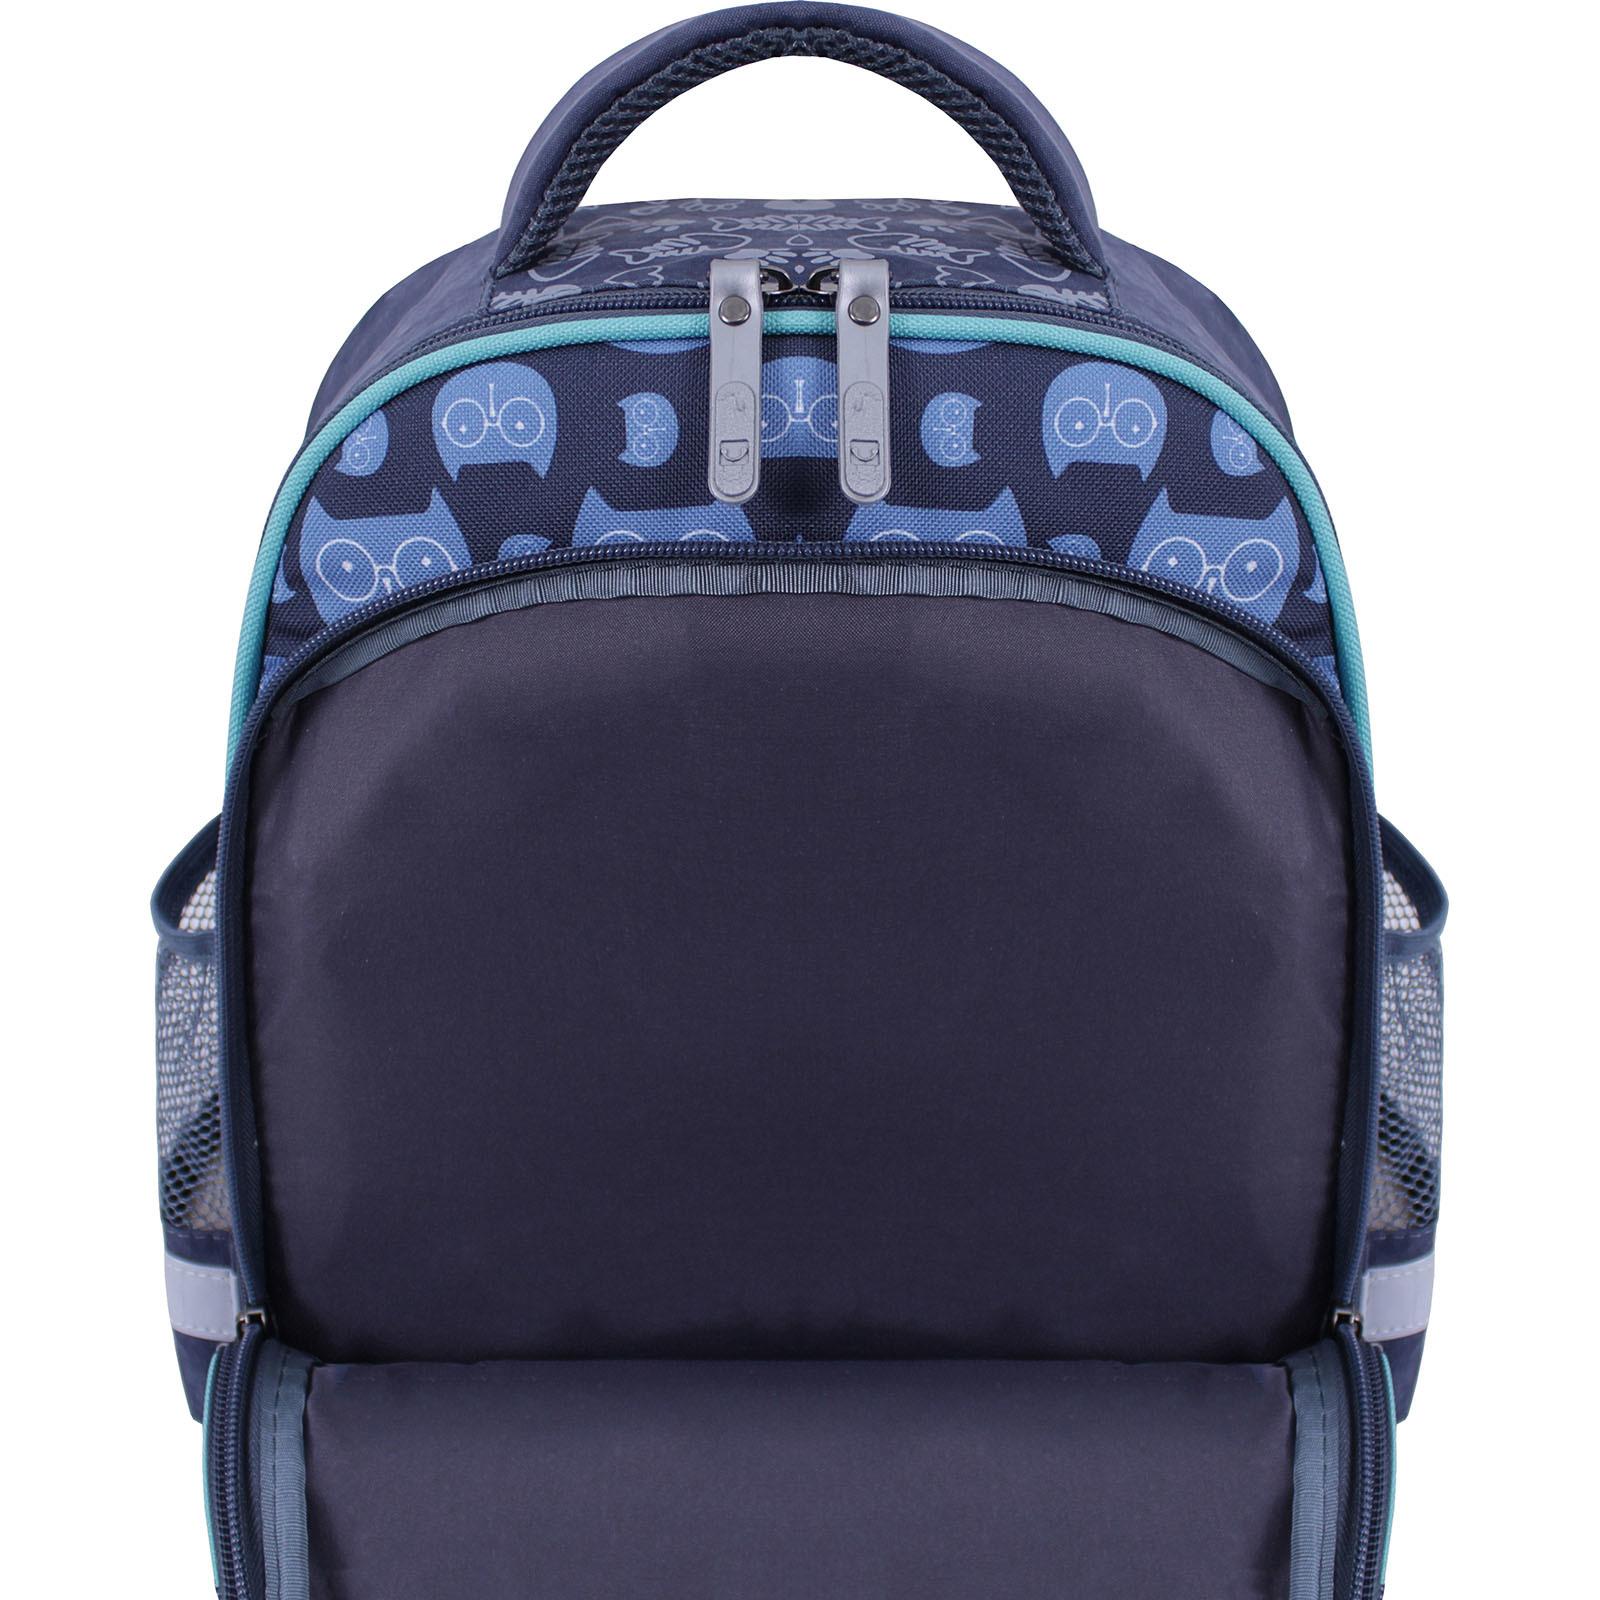 Рюкзак школьный Bagland Mouse 321 серый 611 (0051370) фото 5